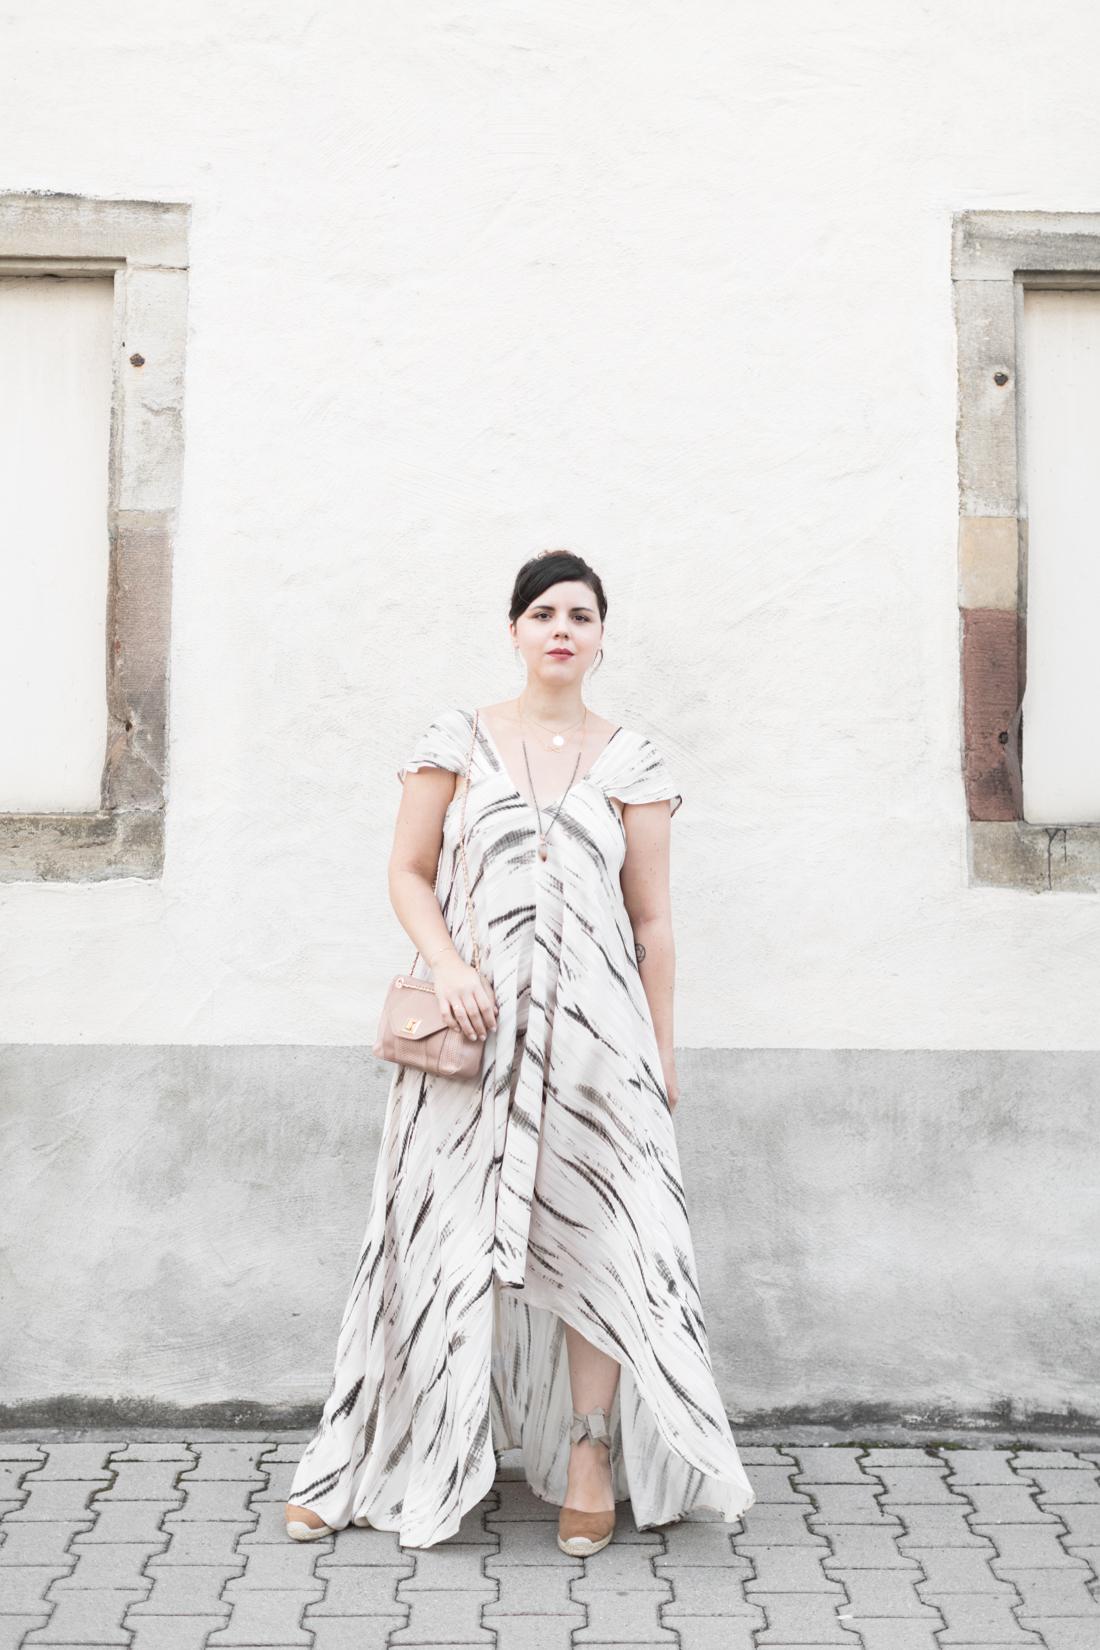 1100 robe louizon collier Elise Tsikis sac espadrilles sezane credit Pauline paulinefashionblog.com 4 Robe Tie & Dye, espadrilles et errances capillaires